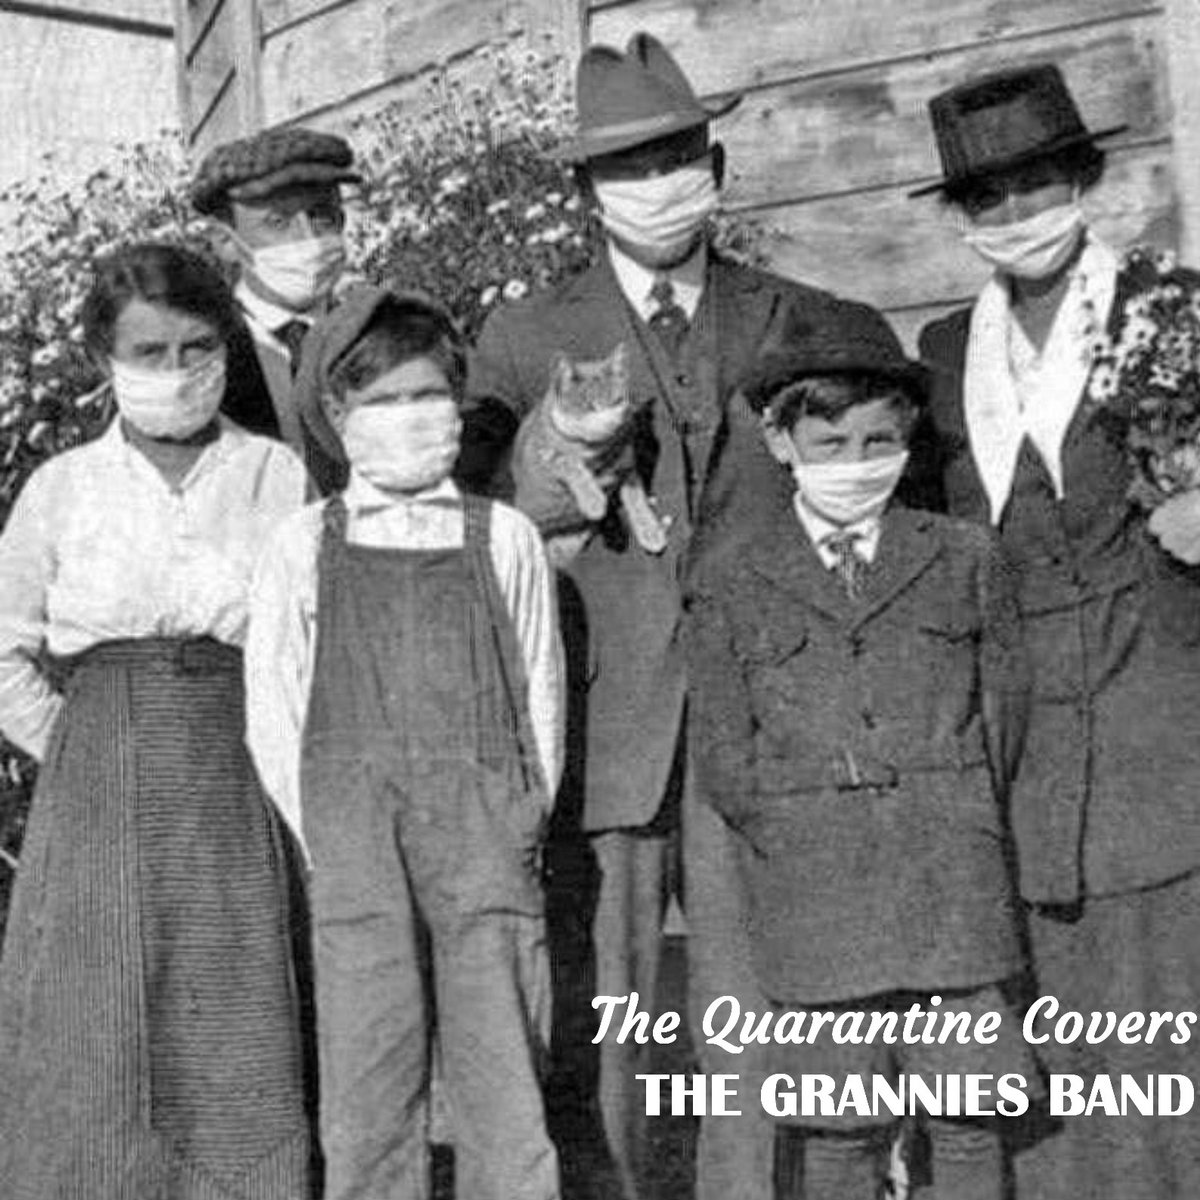 Noticia: 'The Quarantine Covers' es el álbum de versiones de The Grannies Band